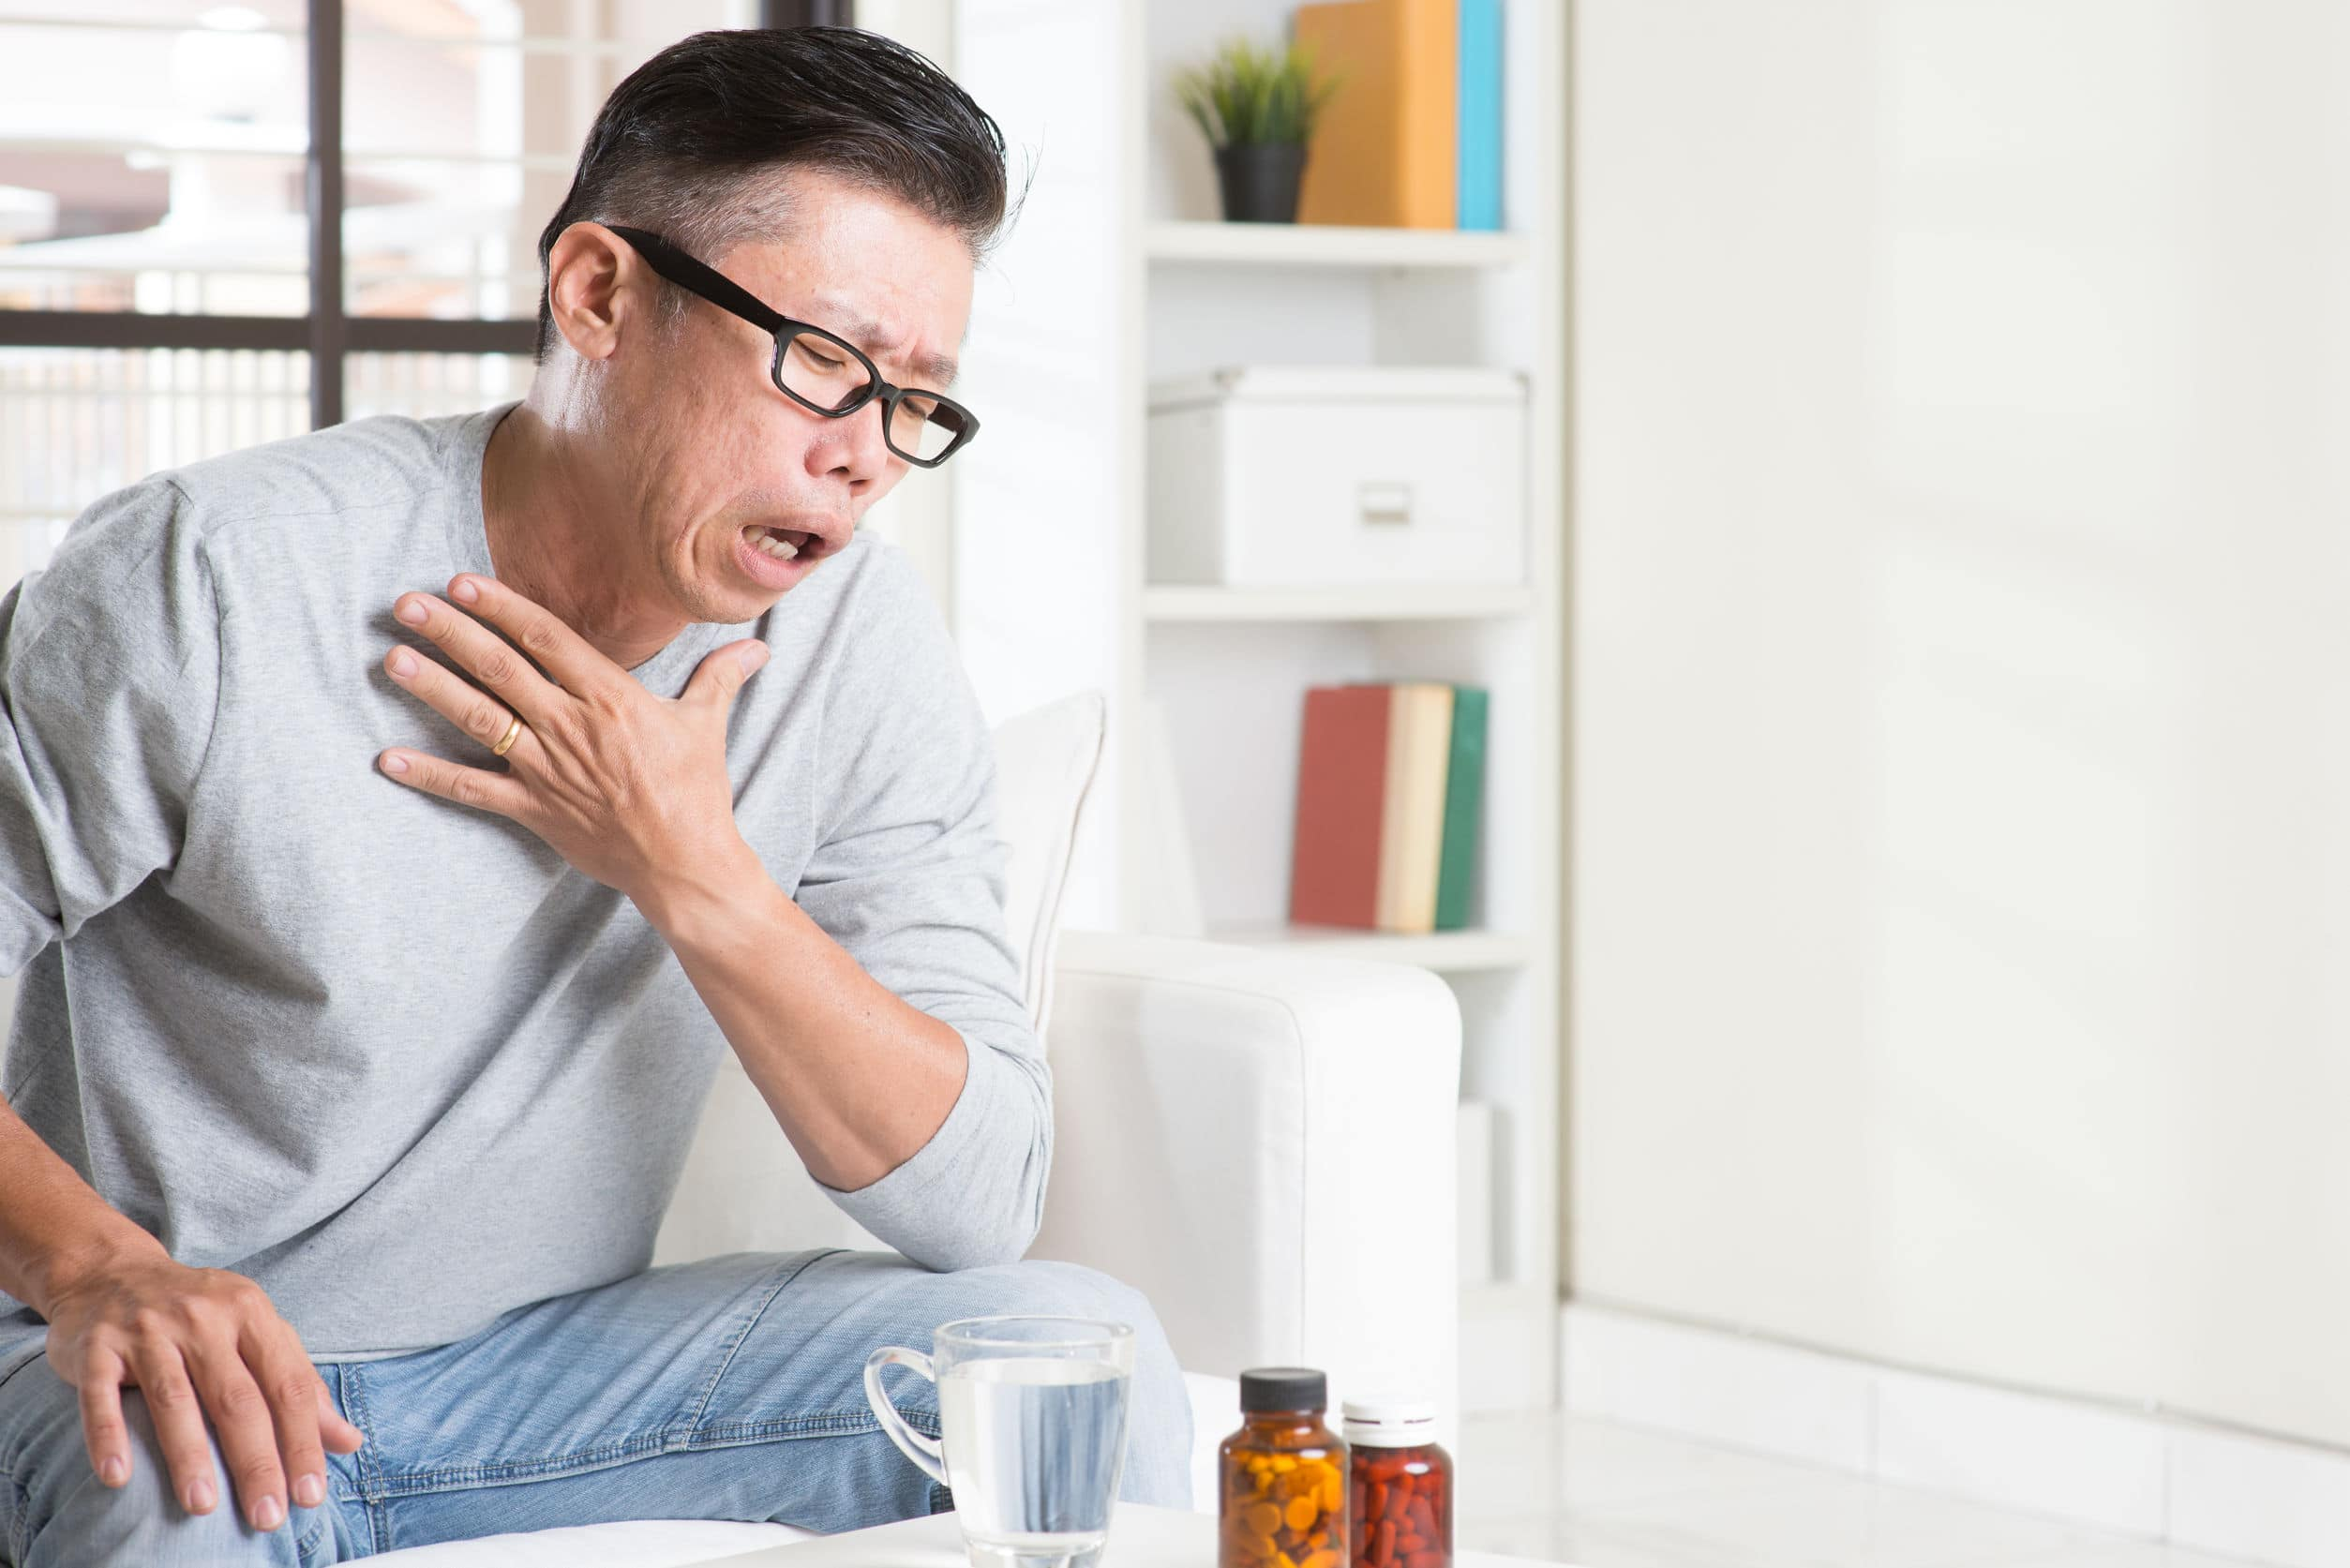 Homem com mão no pescoço sentado com copo de água e remédios sob a mesa